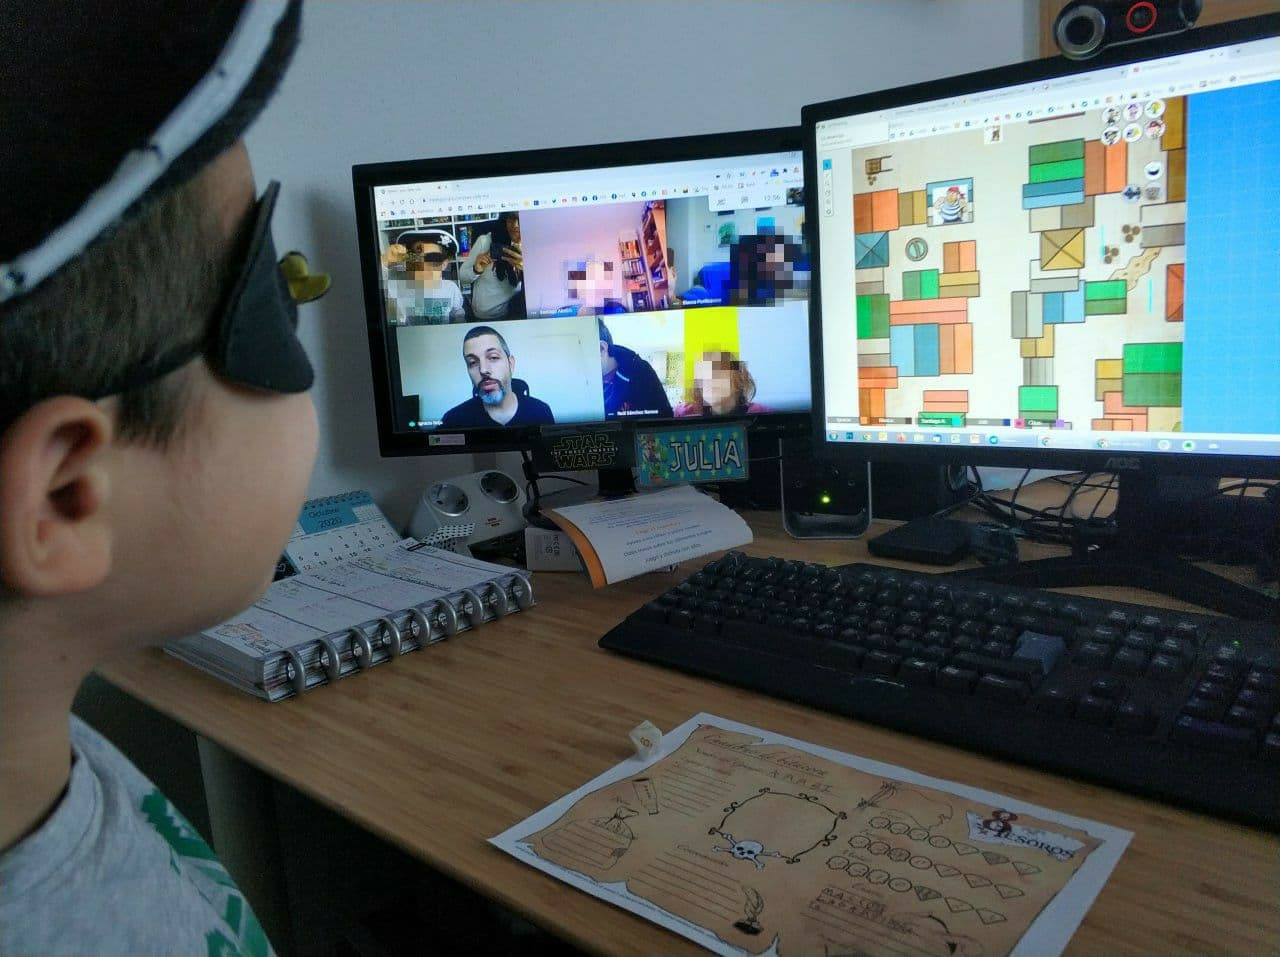 juegos online por videoconferencia en familia con niños rol